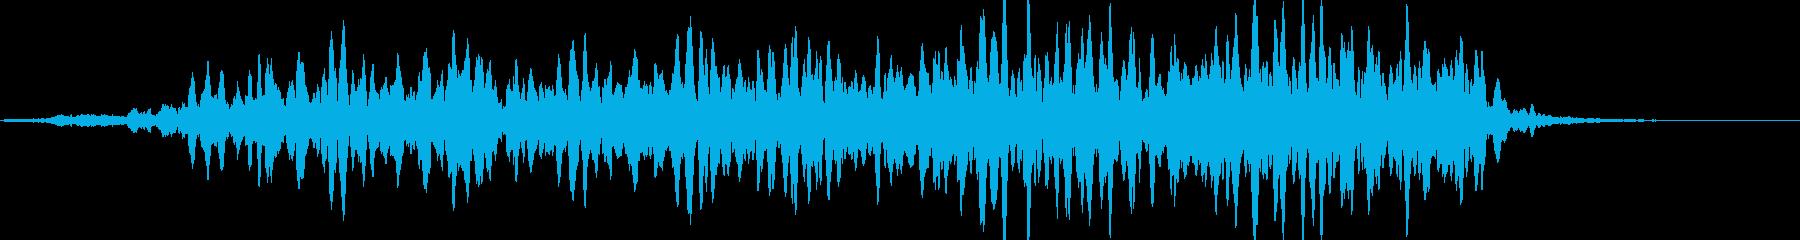 加速イメージモーター音(エレベーター風)の再生済みの波形